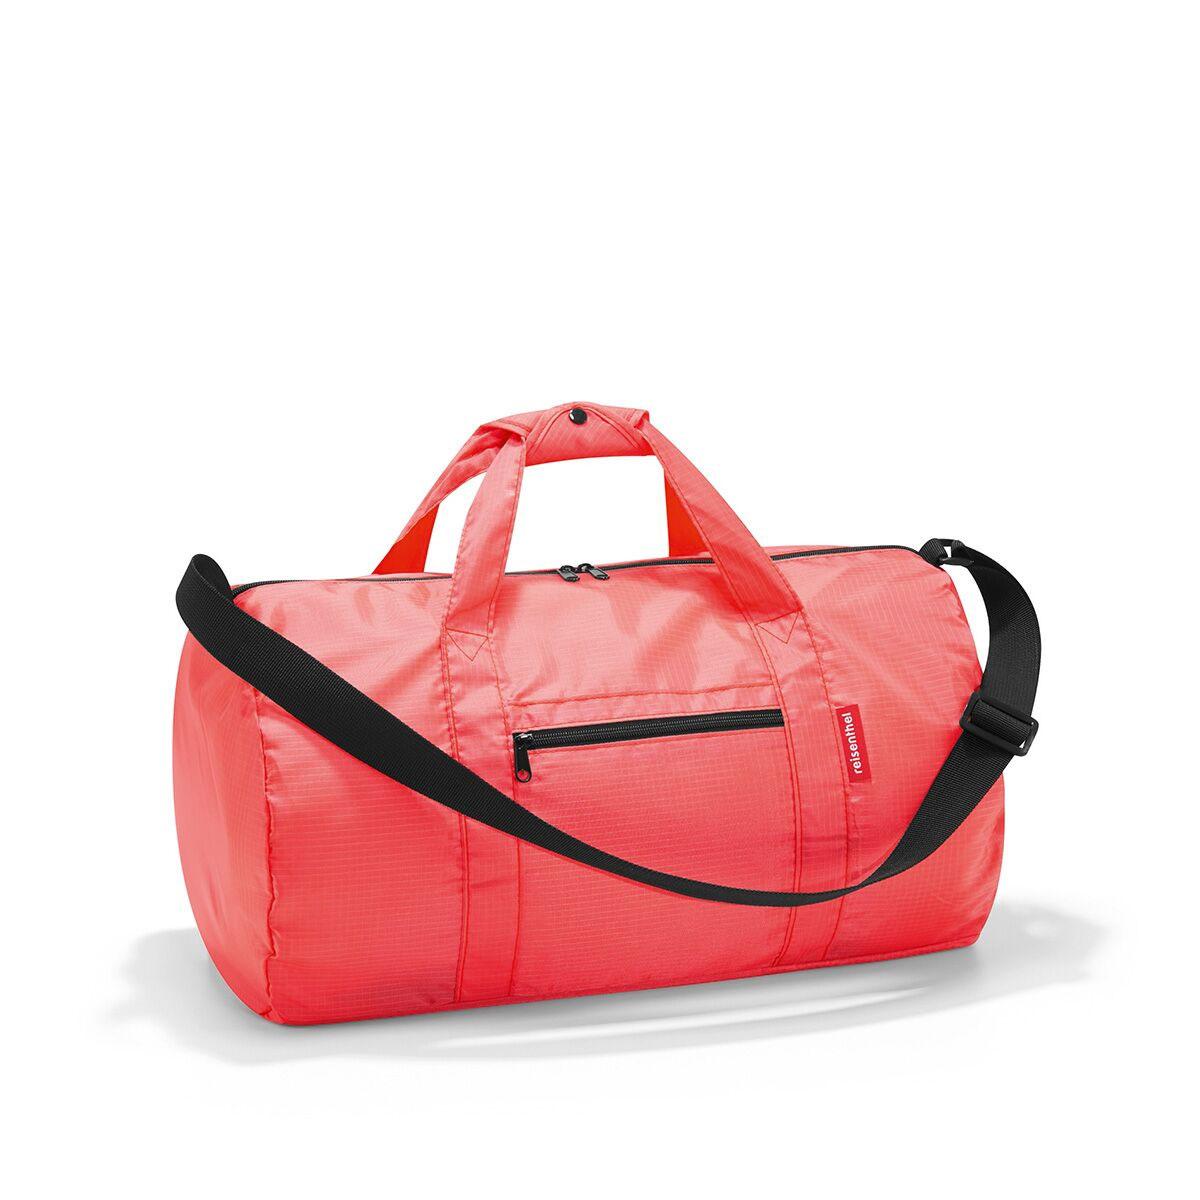 Сумка спортивная женская Reisenthel, цвет: коралловый. AM3051AM3051Универсальная сумка-трансформер серии Mini Maxi, предназначенная для путешествий и спорта. Подходит для хранения, компактно складывается в собственный внутренний карман. У модели вместительное основное отделение на молнии, экономит место при хранении и перевозке в сложенном состоянии, регулируемый наплечный ремень, ручки для переноски, регулируемые при помощи специальных застежек, два внешних кармана на молнии, материал: высококачественный водостойкий полиэстер, объем - 20 литров.